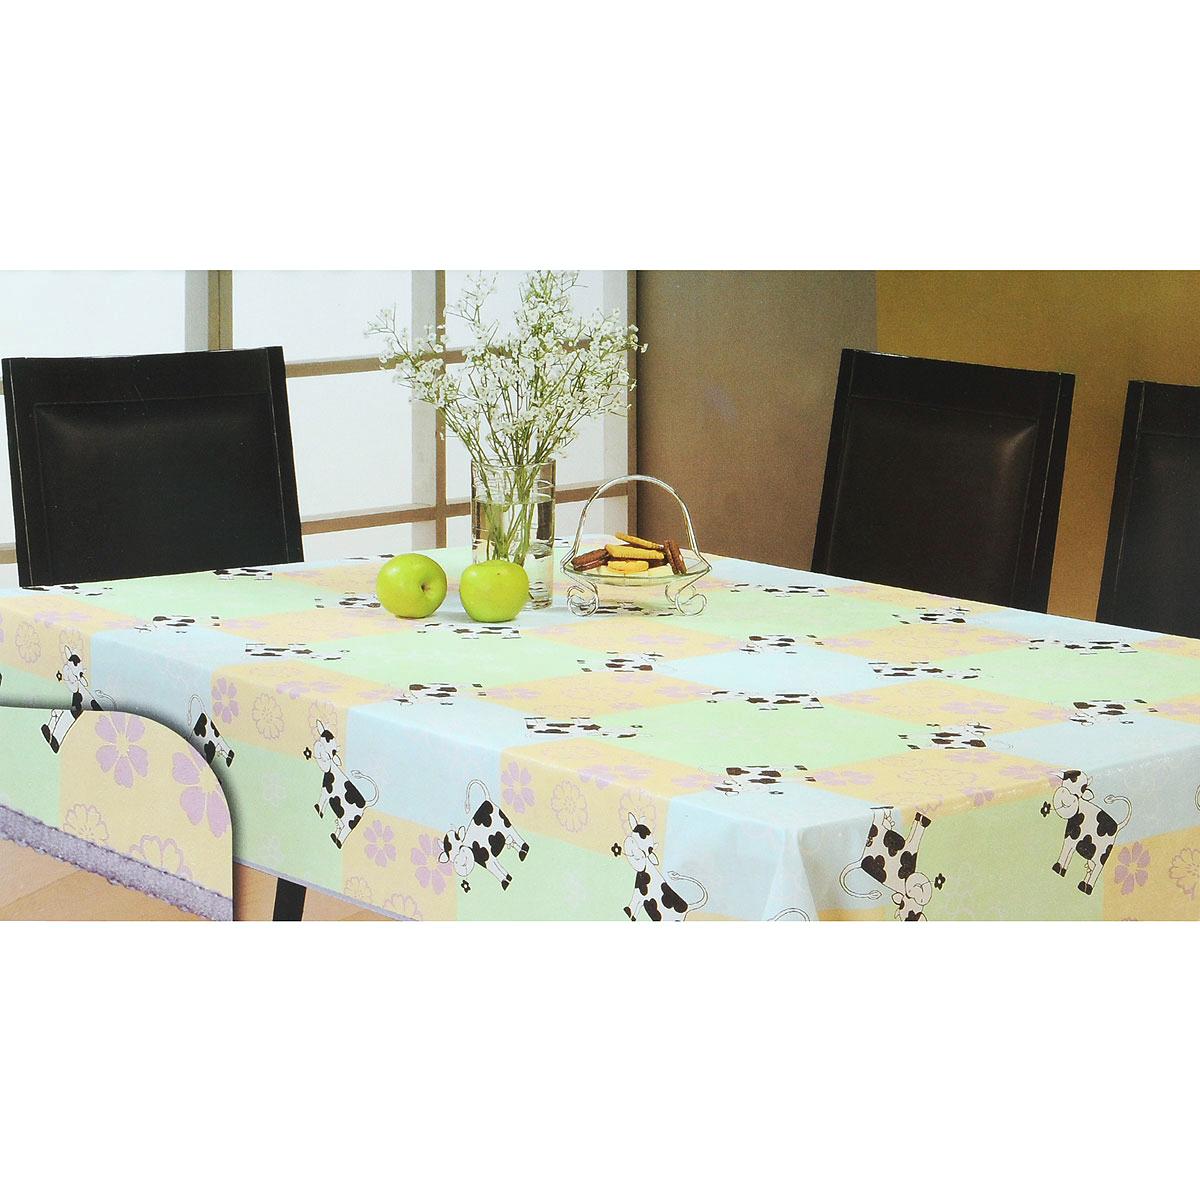 Скатерть White Fox Буренка, прямоугольная, цвет: голубой, светло-зеленый, 152x 228 смВетерок 2ГФПрямоугольная скатерть White Fox Буренка, выполненная из ПВХ с основой из флиса, предназначена для защиты стола от царапин, пятен и крошек. Край скатерти обработан строчкой. Скатерть оформлена изображением милых коров, а рифлёная поверхность формирует приятные тактильные ощущения, при этом частички пищи удаляются с легкостью и поверхность остается всегда чистой. Скатерть термостойкая, выдерживает температуру до +70 °C.Скатерть White Fox проста в уходе - её можно протирать любыми моющими средствами при необходимости.Скатерть упакована в виниловый пакет с внутренним цветным вкладышем и подвесом в виде крючка.